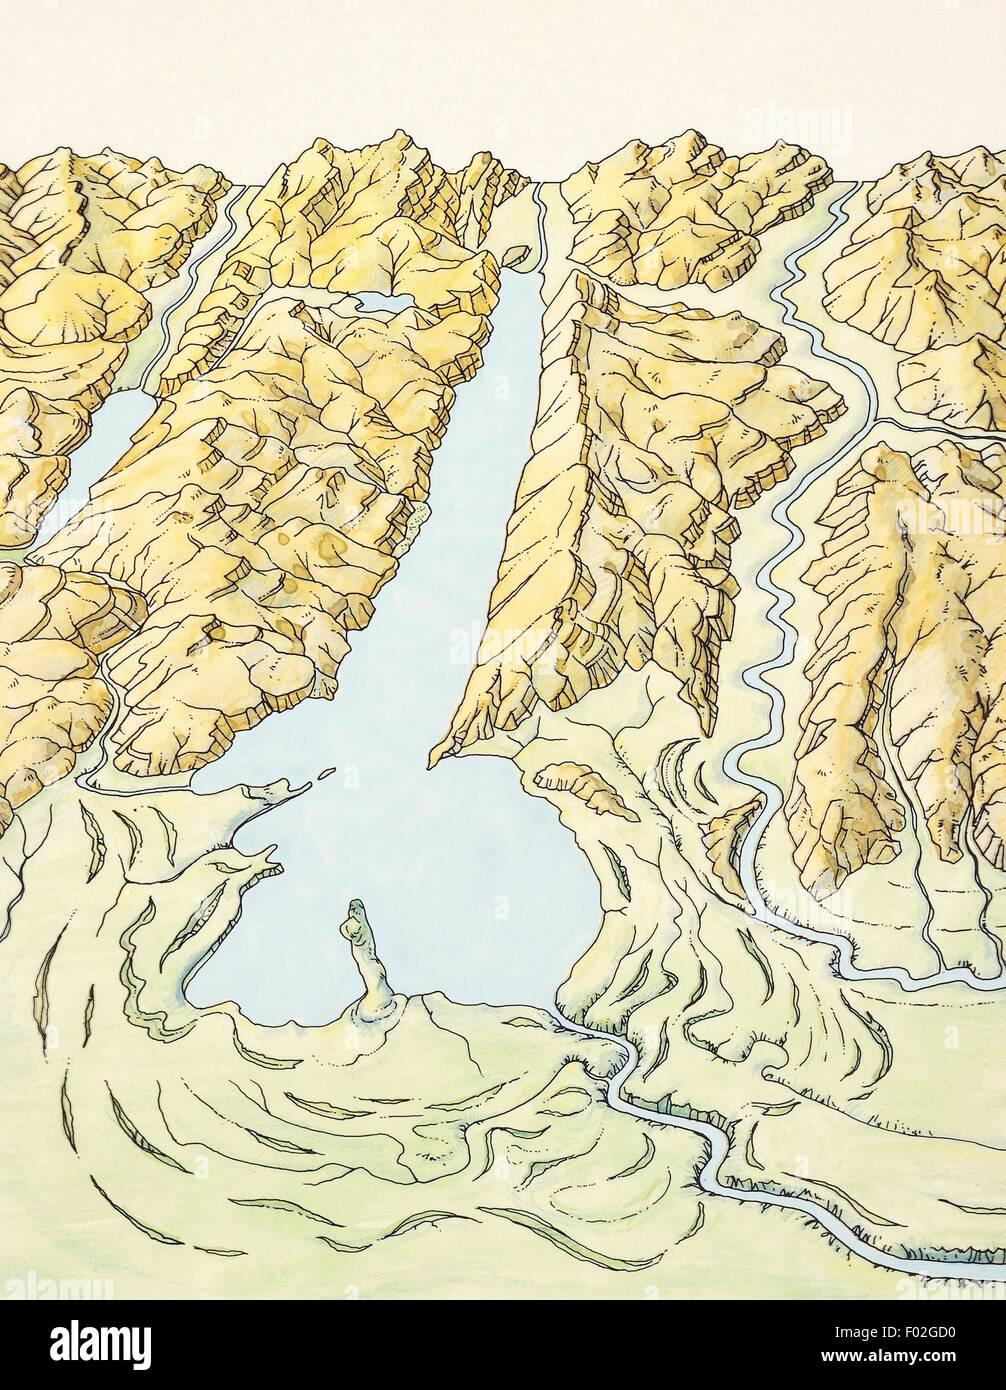 Lago Di Garda Cartina Fisica.La Struttura Geomorfologia E Origine Del Lago Di Garda Disegno Foto Stock Alamy